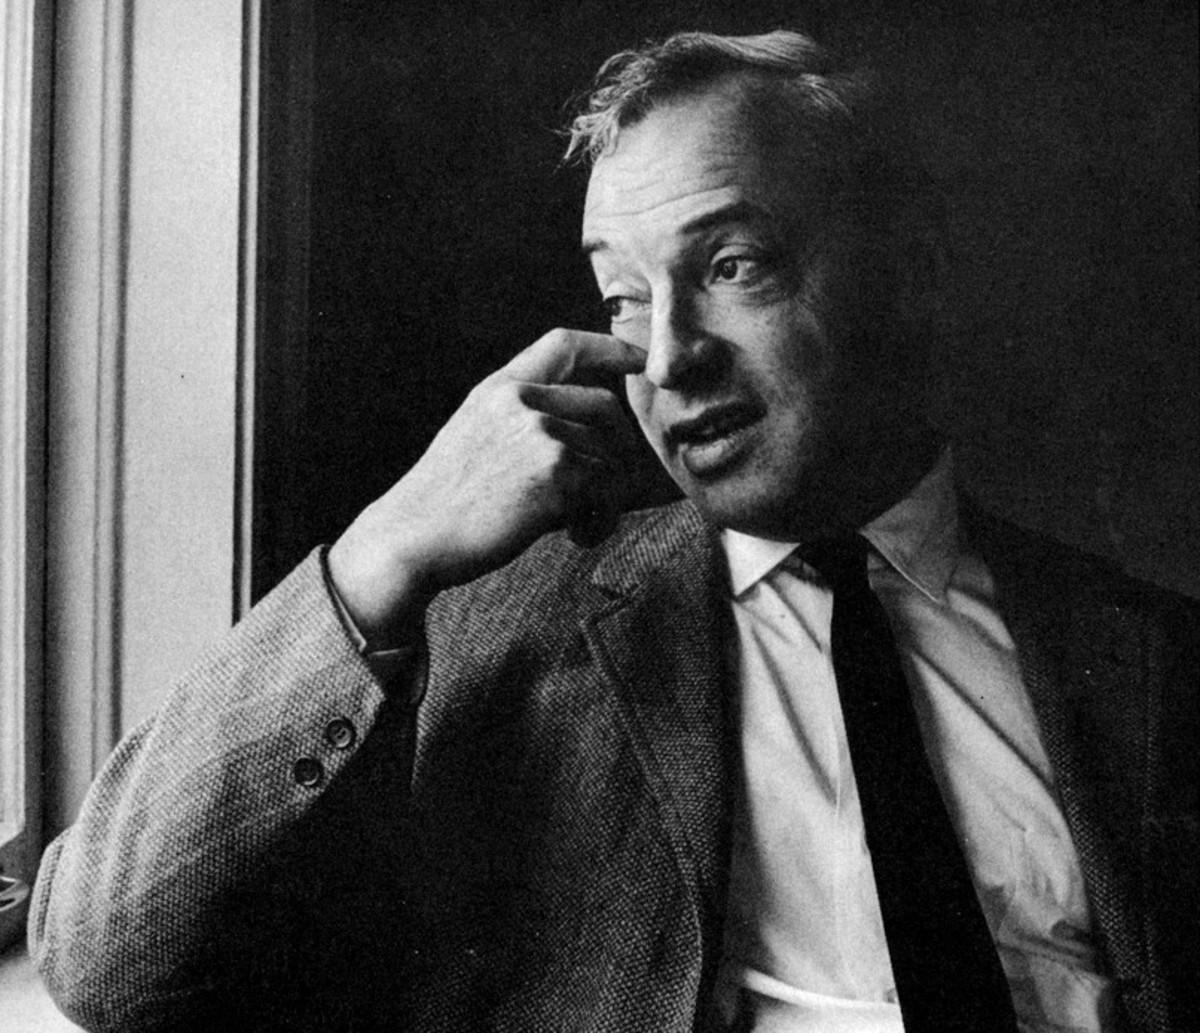 Saul Bellow 1915 - 2005